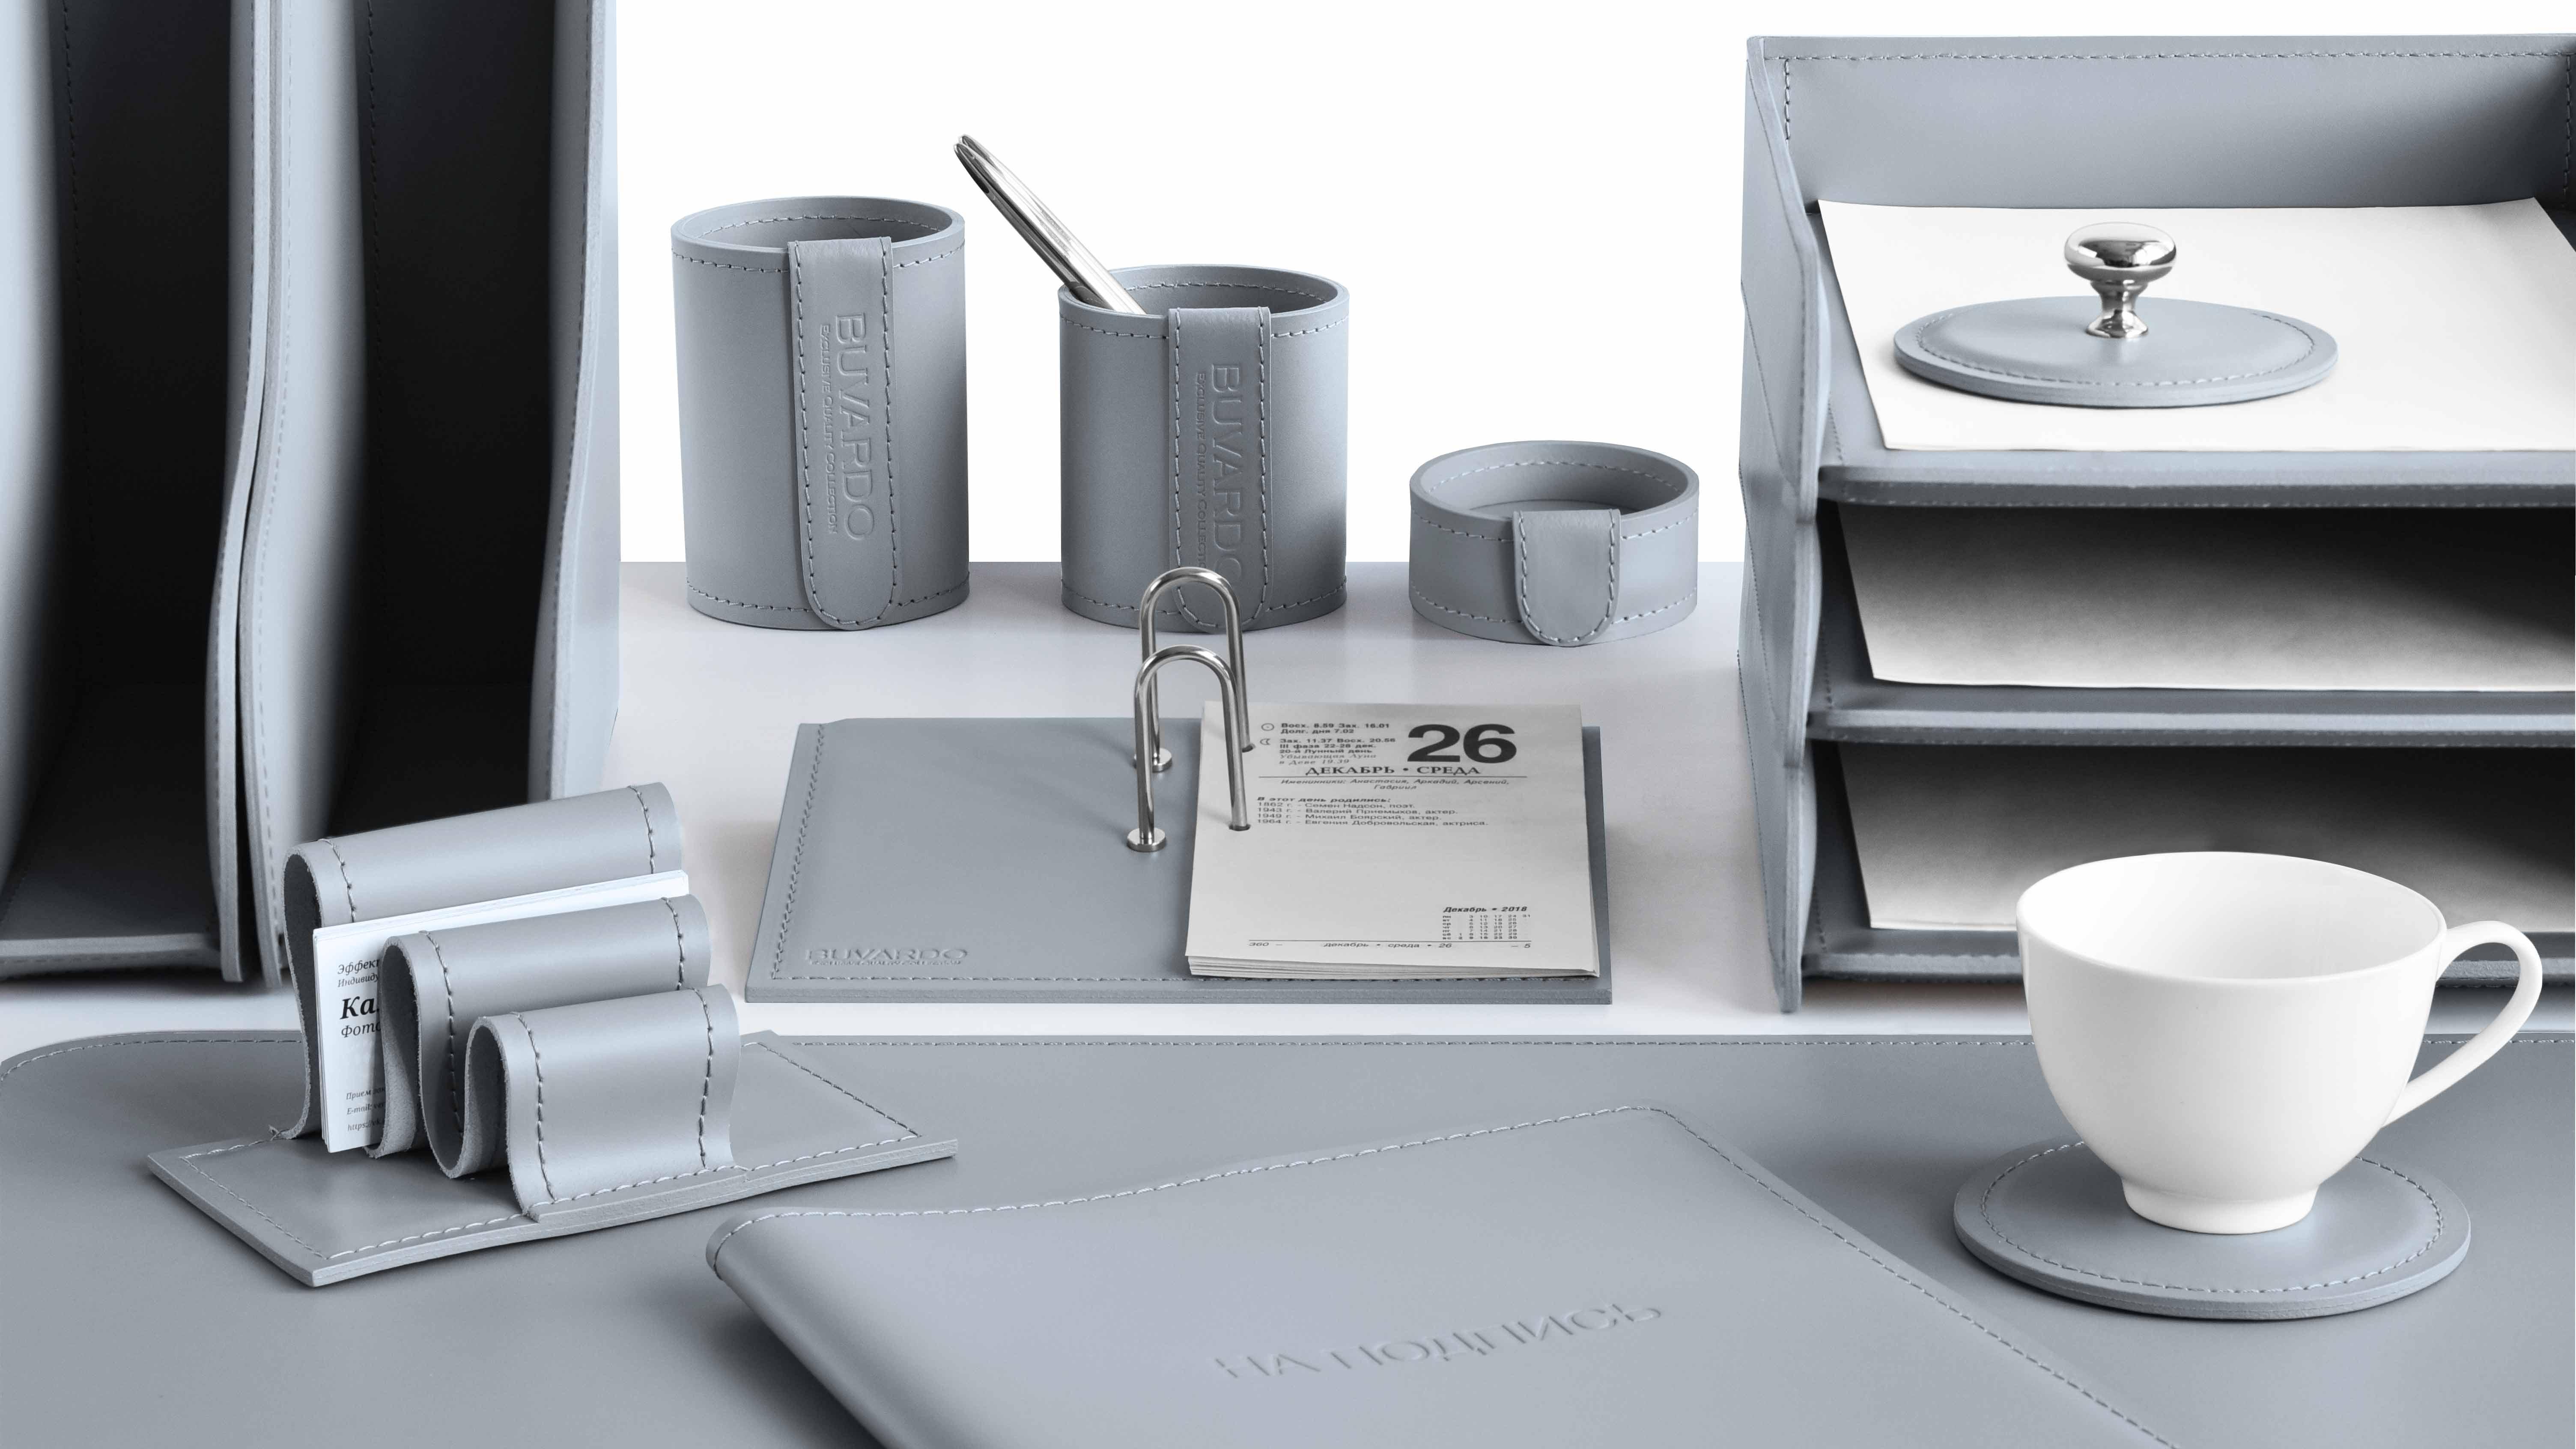 Серый цвет кожи Cuoietto в наборах для стола руководителя.